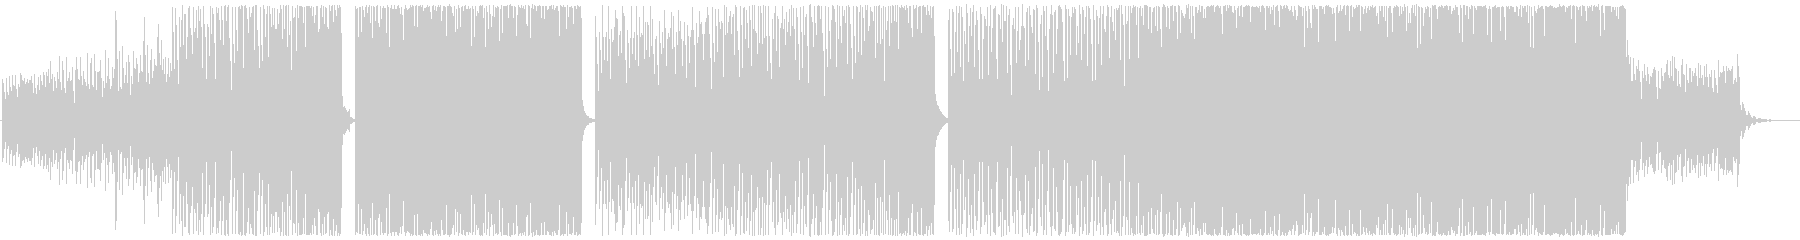 ハウス-EDM-PV-ポジティブ-観光の未再生の波形